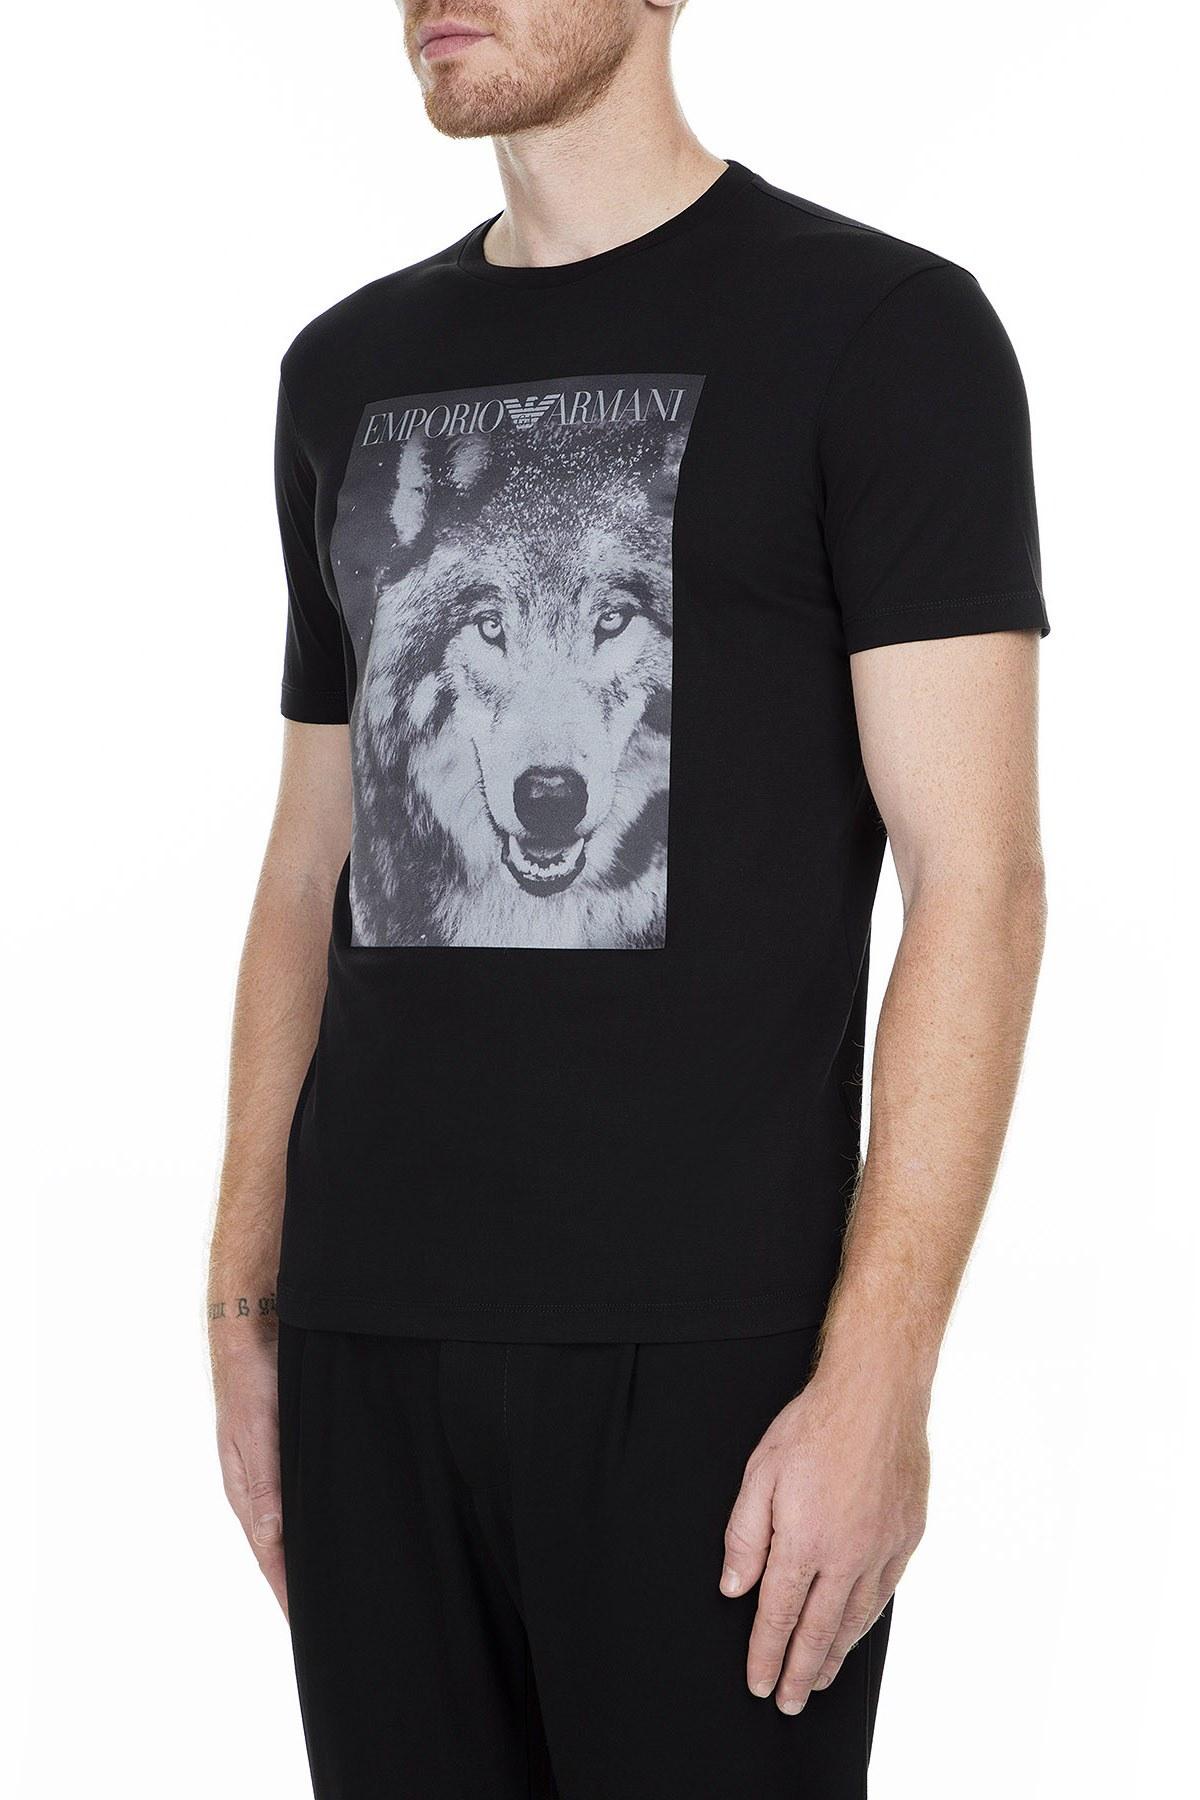 Emporio Armani Erkek T Shirt 6G1T77 1J19Z 0999 SİYAH